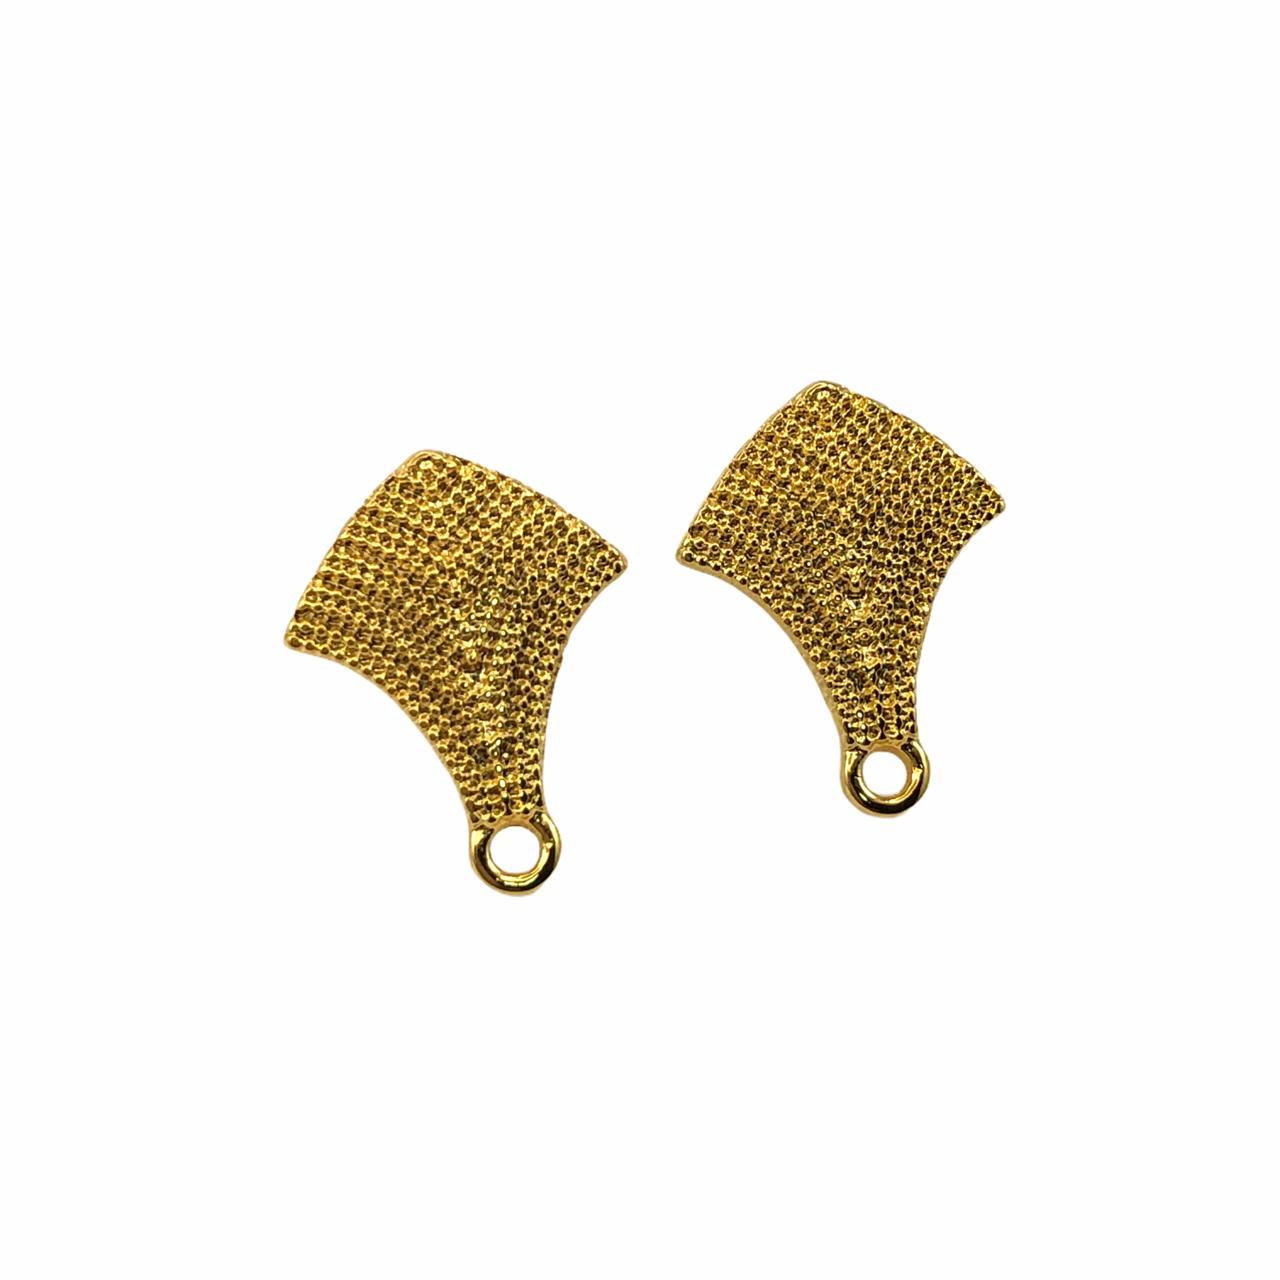 BP1345 - Base de Brinco Setas Banhado Cor Dourado - 01Par